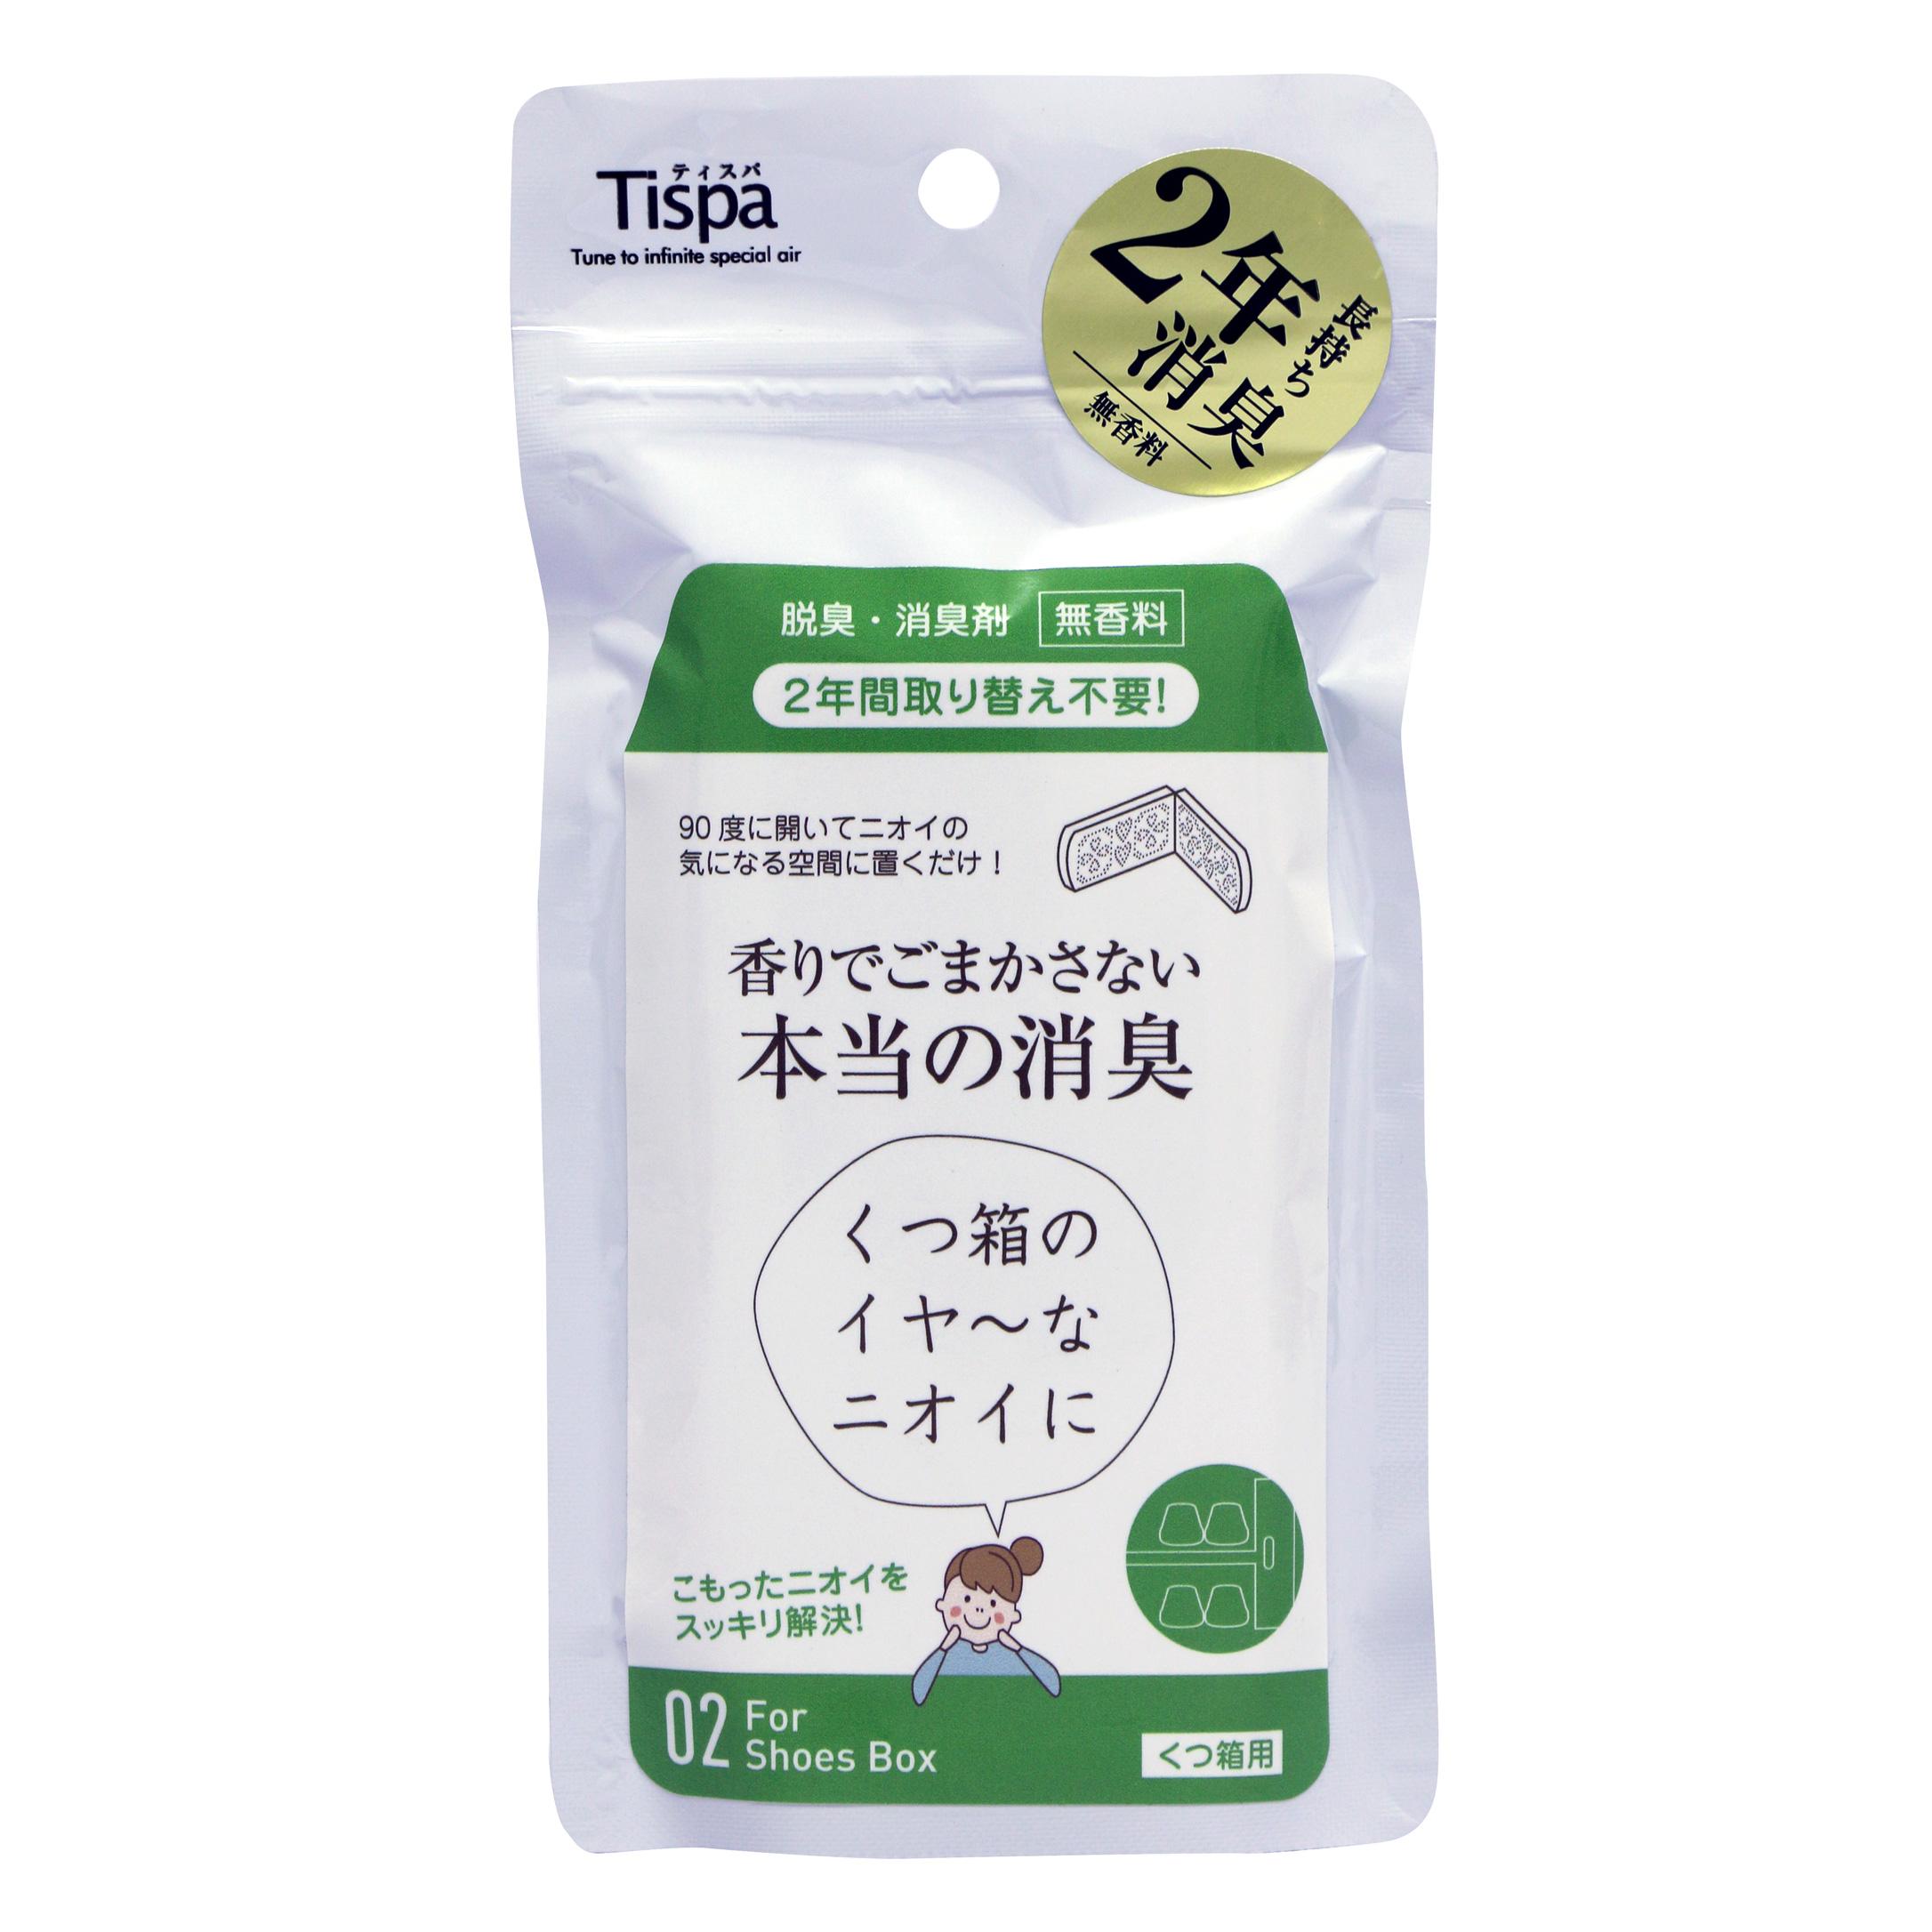 Tispa 香りでごまかさない本当の消臭 くつ箱用